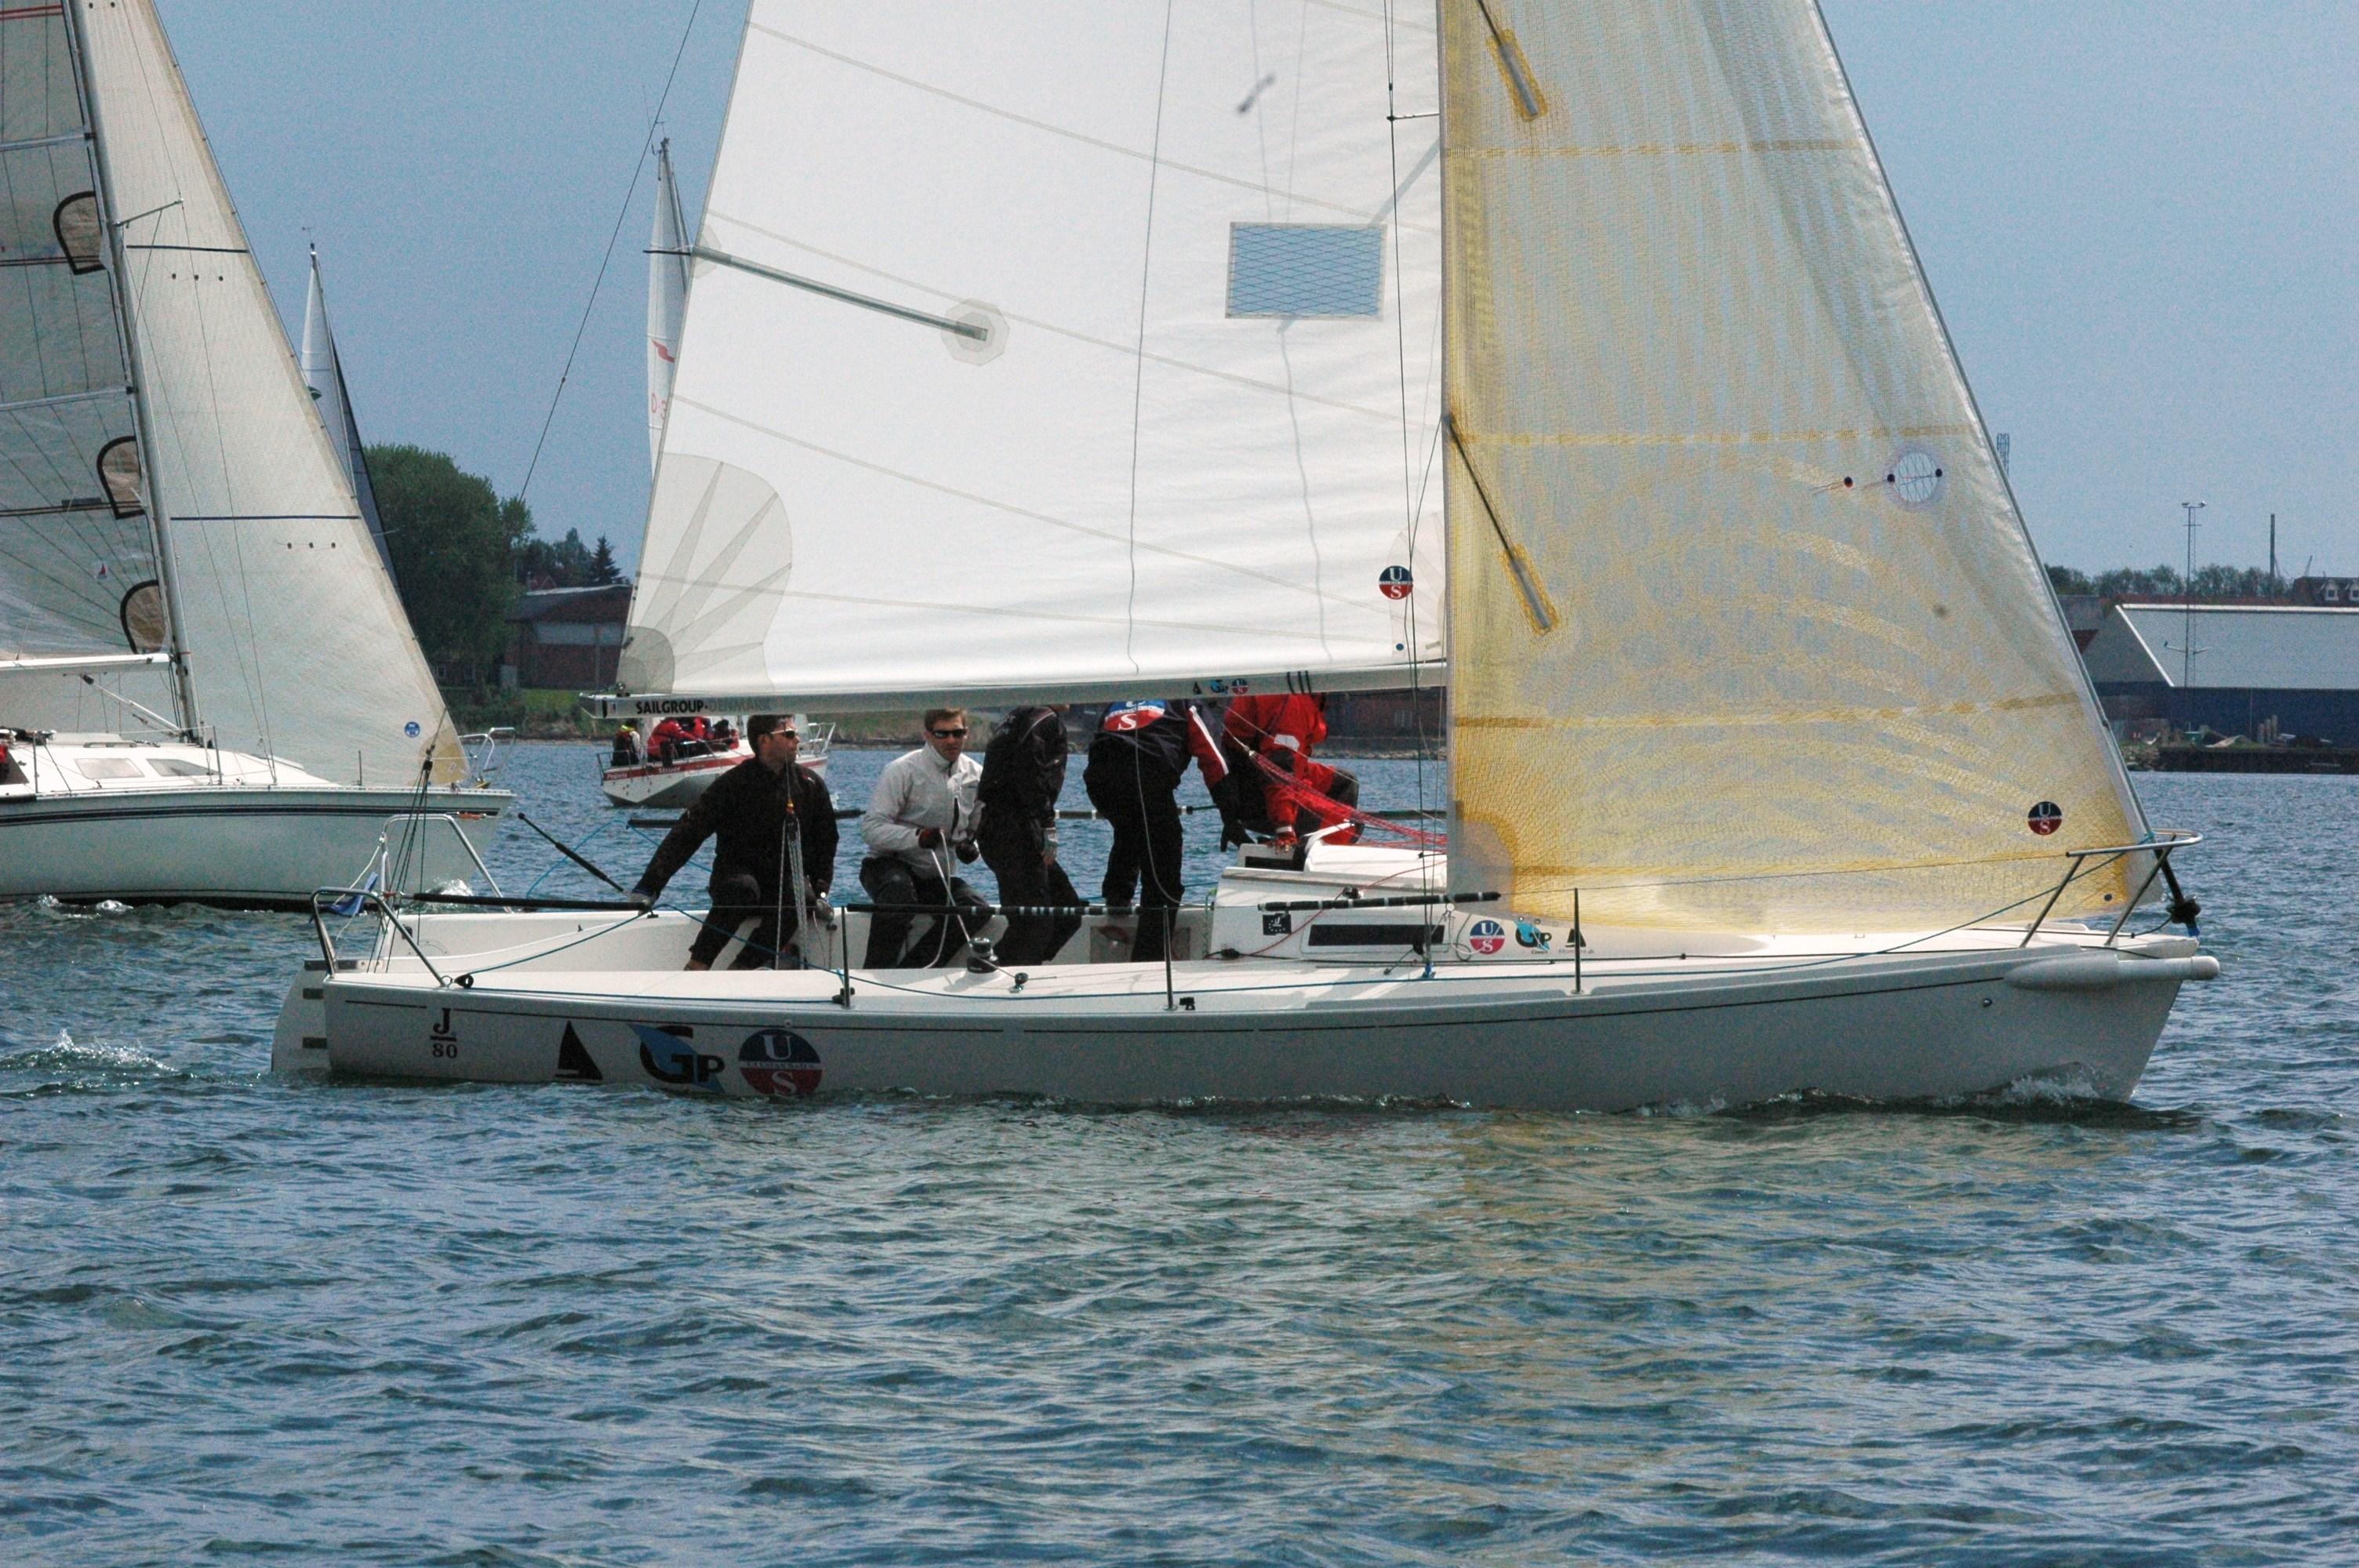 Ullman Sails udveksler sejldesigns, viden og erfaringer med en række erfarne sejlmagere og sejlere